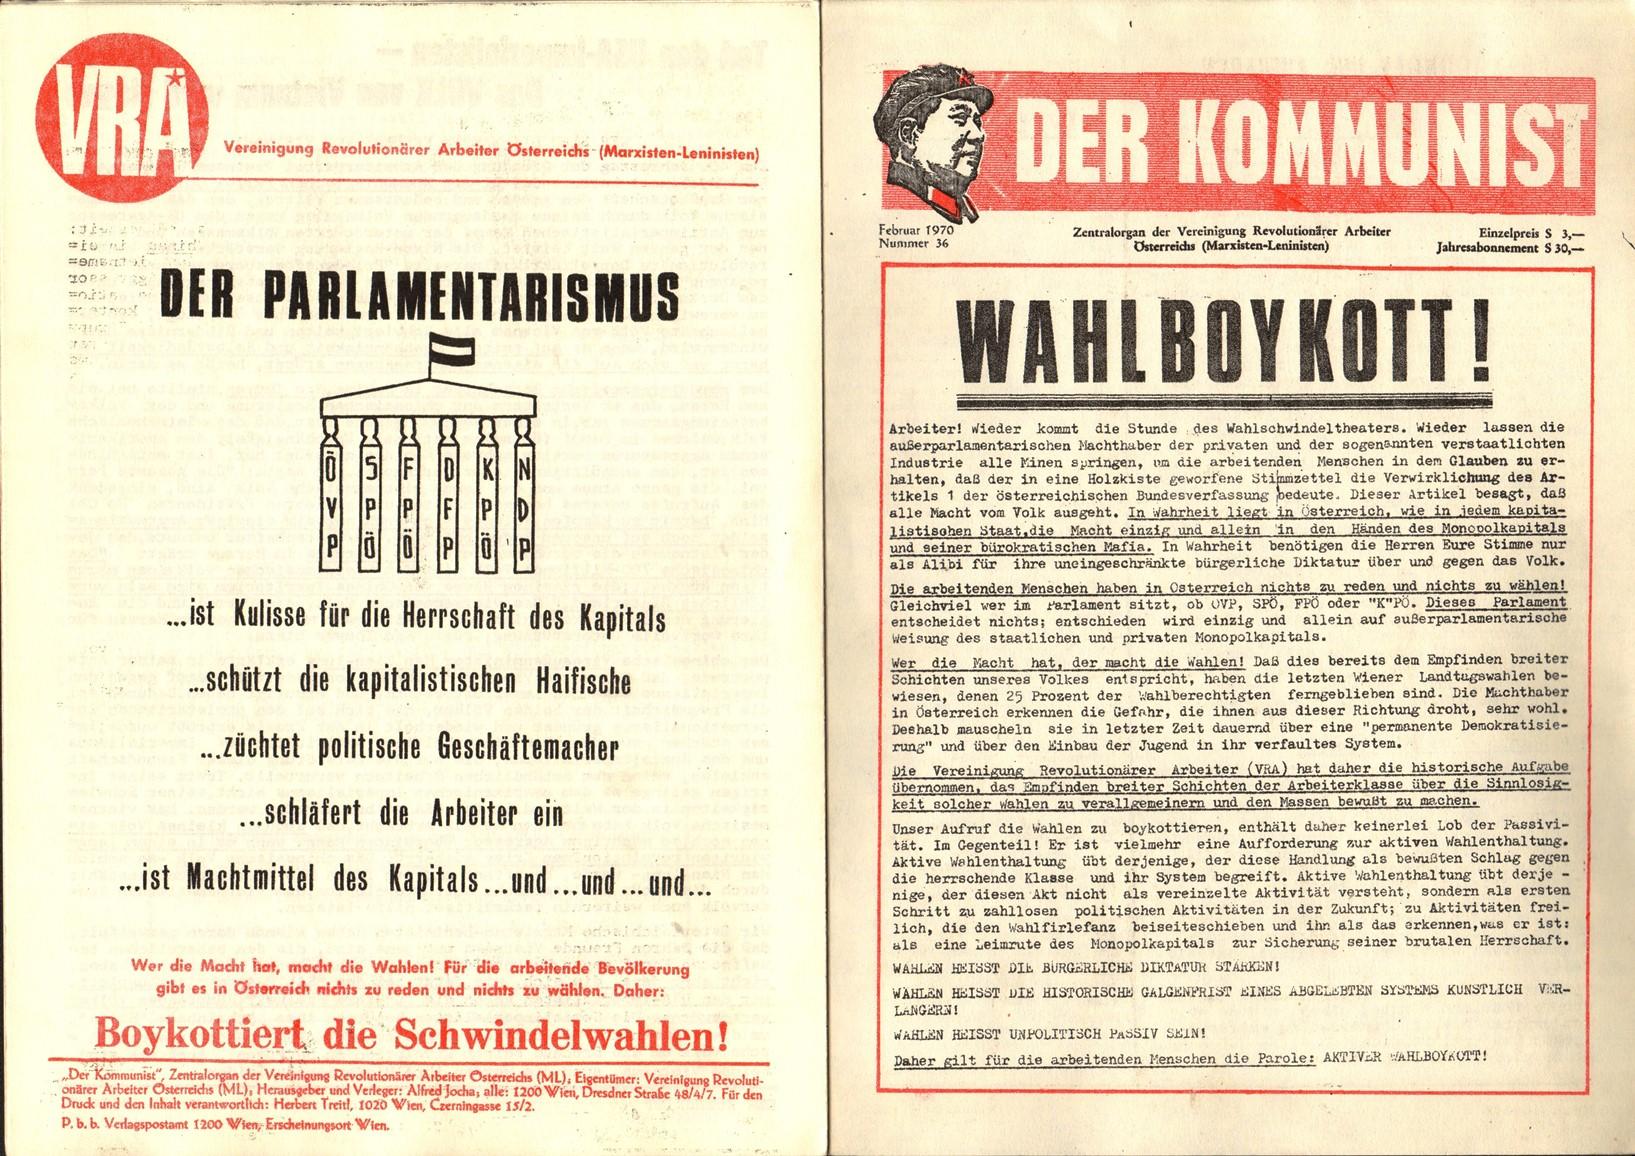 VRA_Der_Kommunist_19700200_01